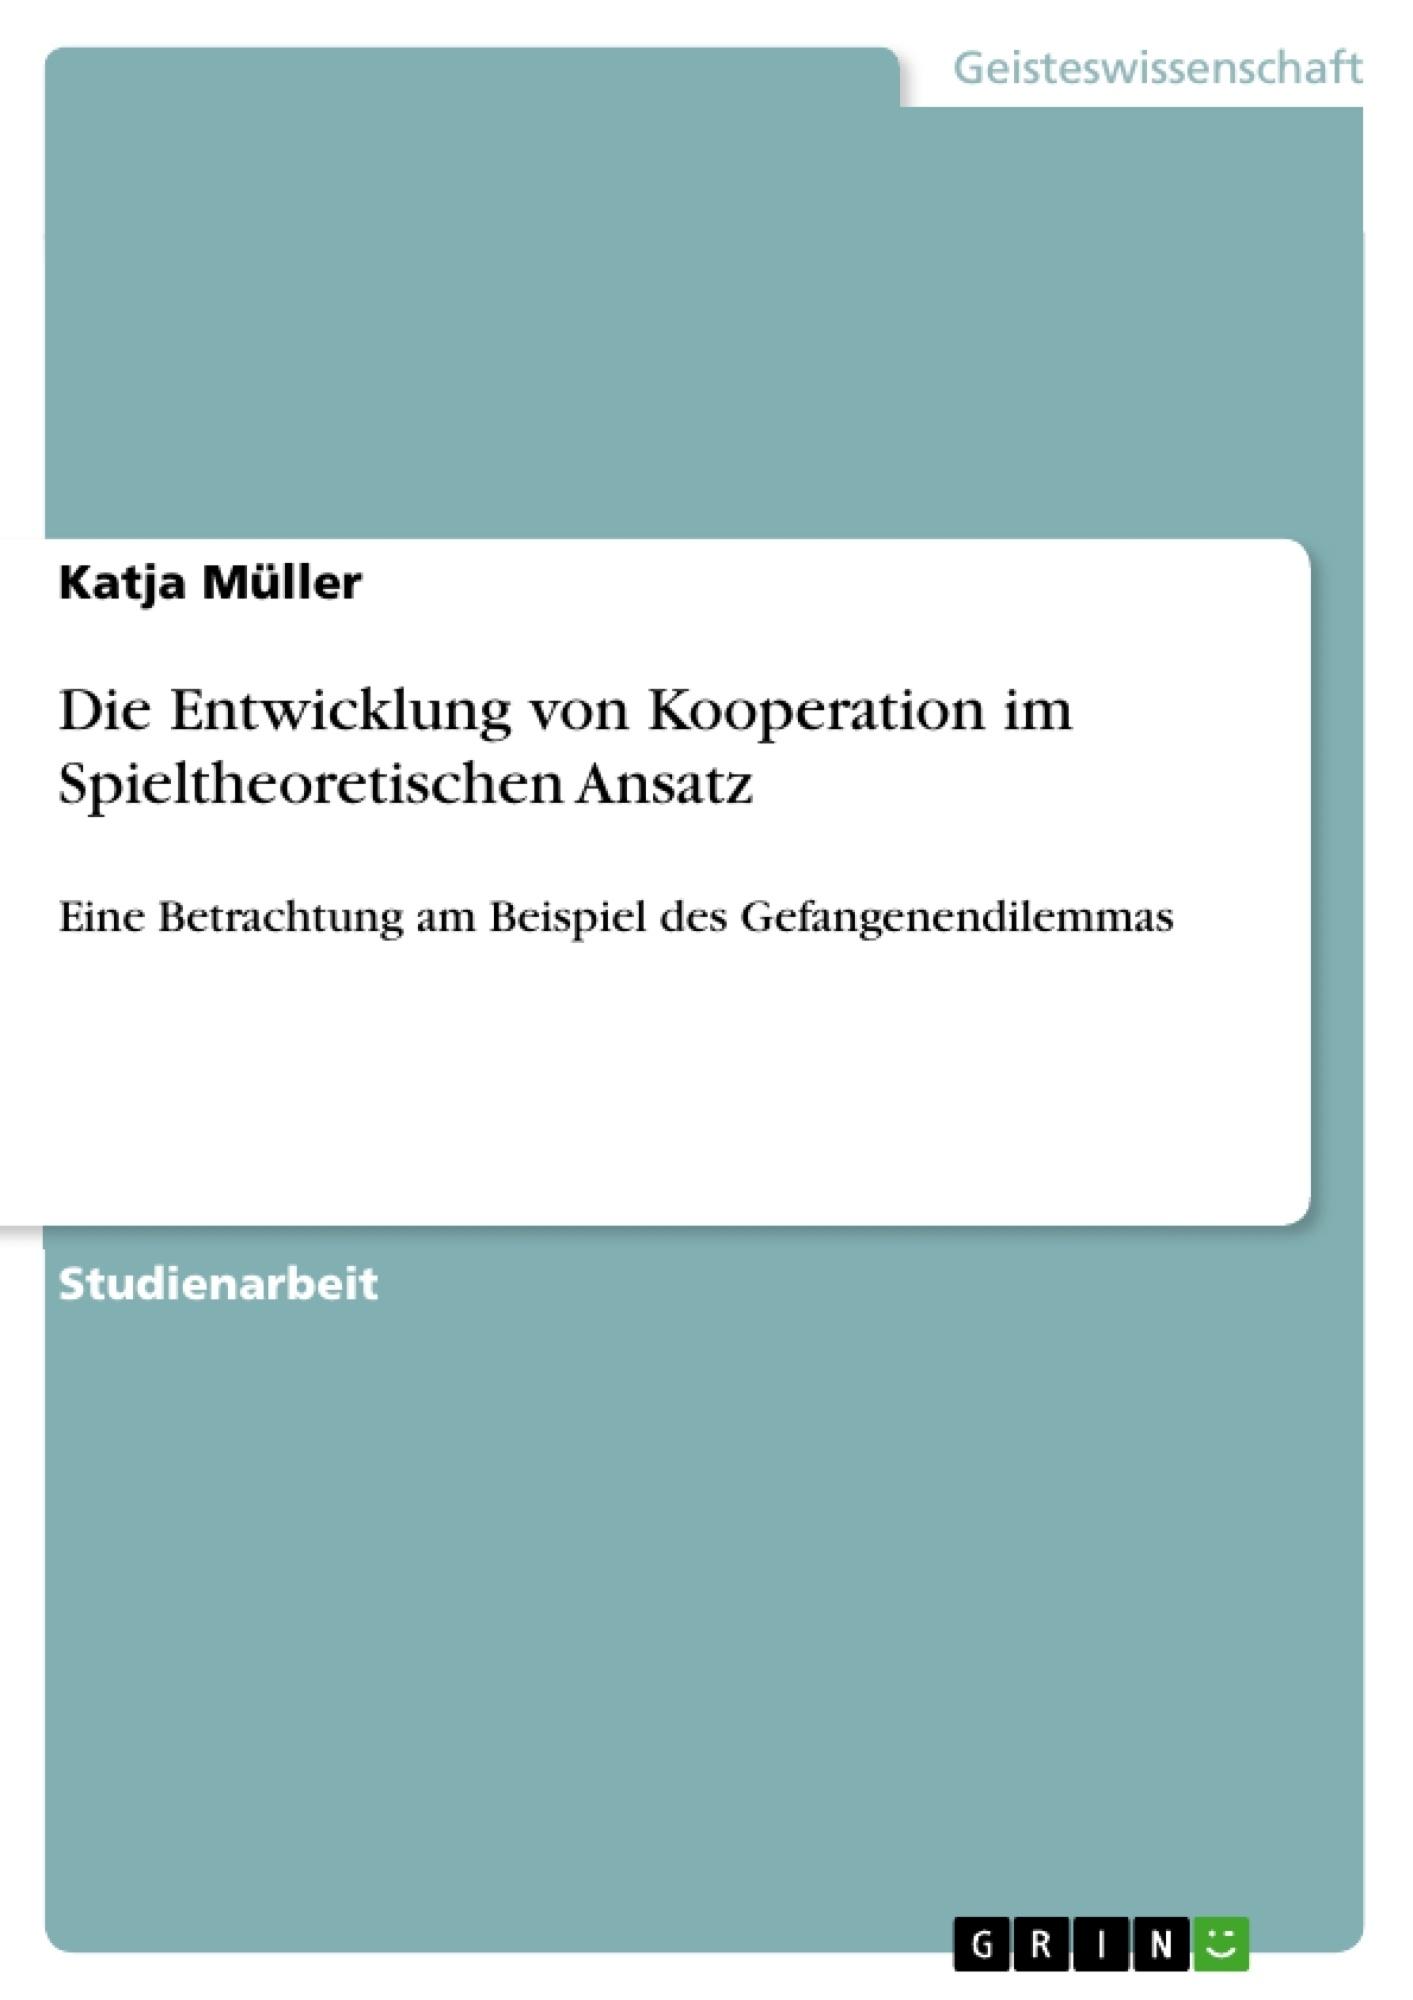 Titel: Die Entwicklung von Kooperation im Spieltheoretischen Ansatz